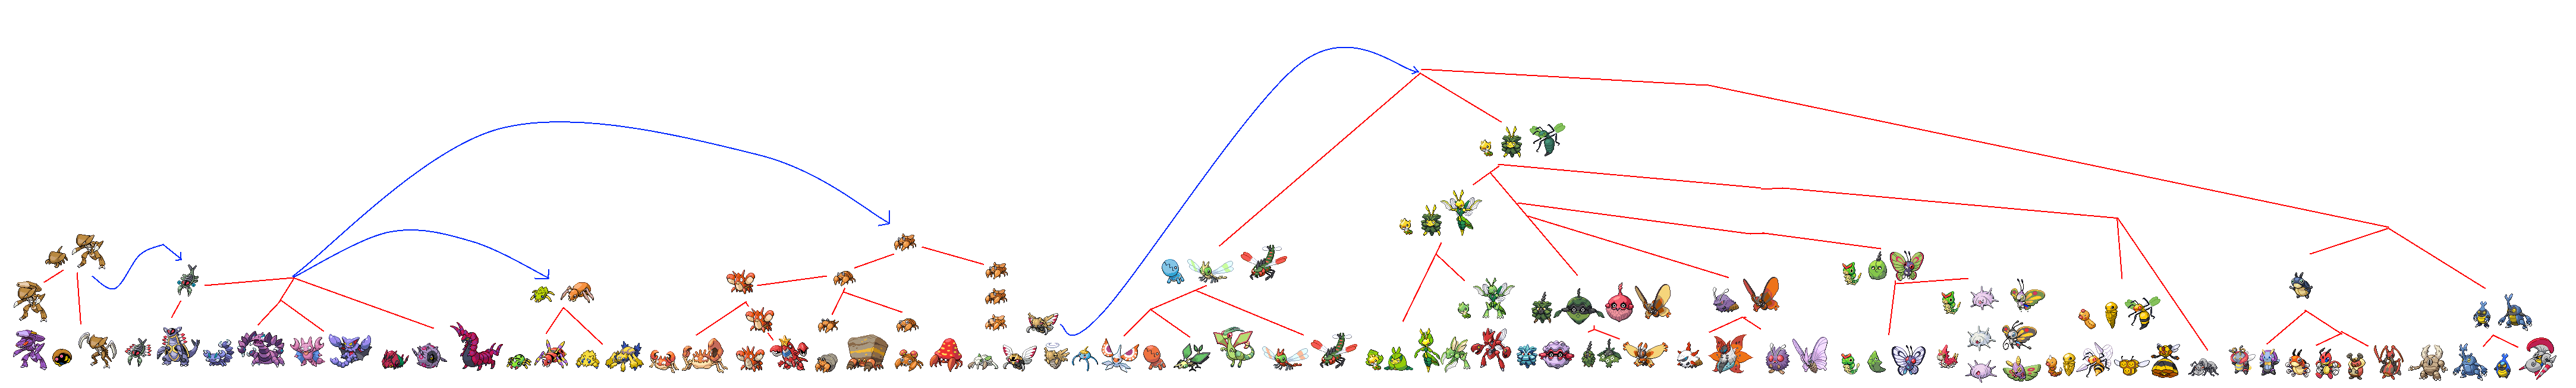 Slow Evolution Evolution Tree on Pokemon-PreEvo-Evo ...